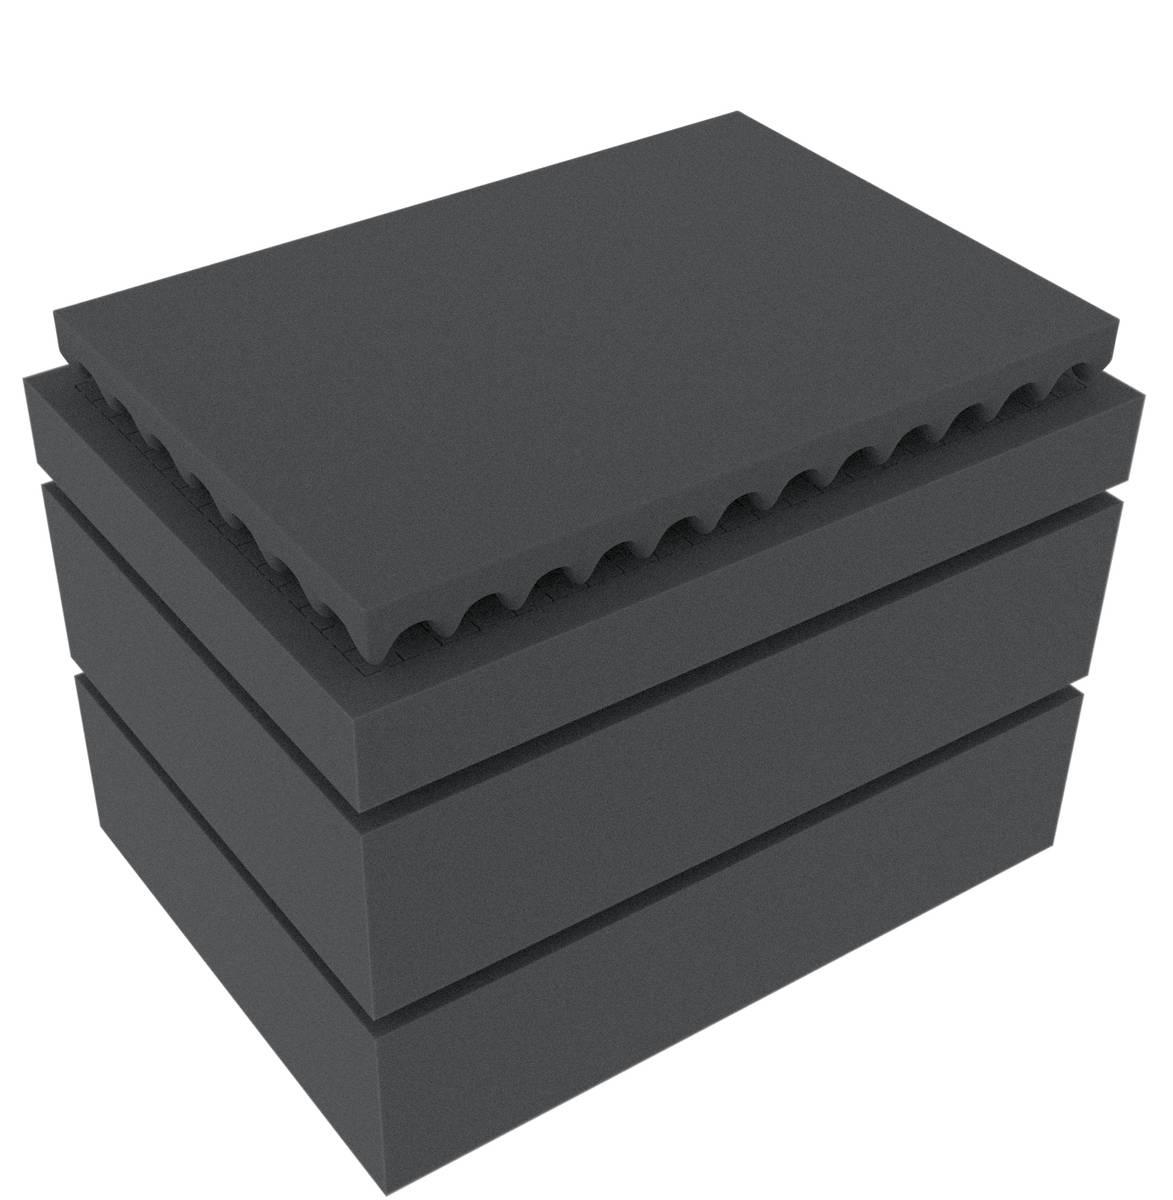 Feldherr Rasterschaumstoff für Auer Packaging Eurobehälter / Euro Box mit Scharnierdeckel / Koffer ED 43/27